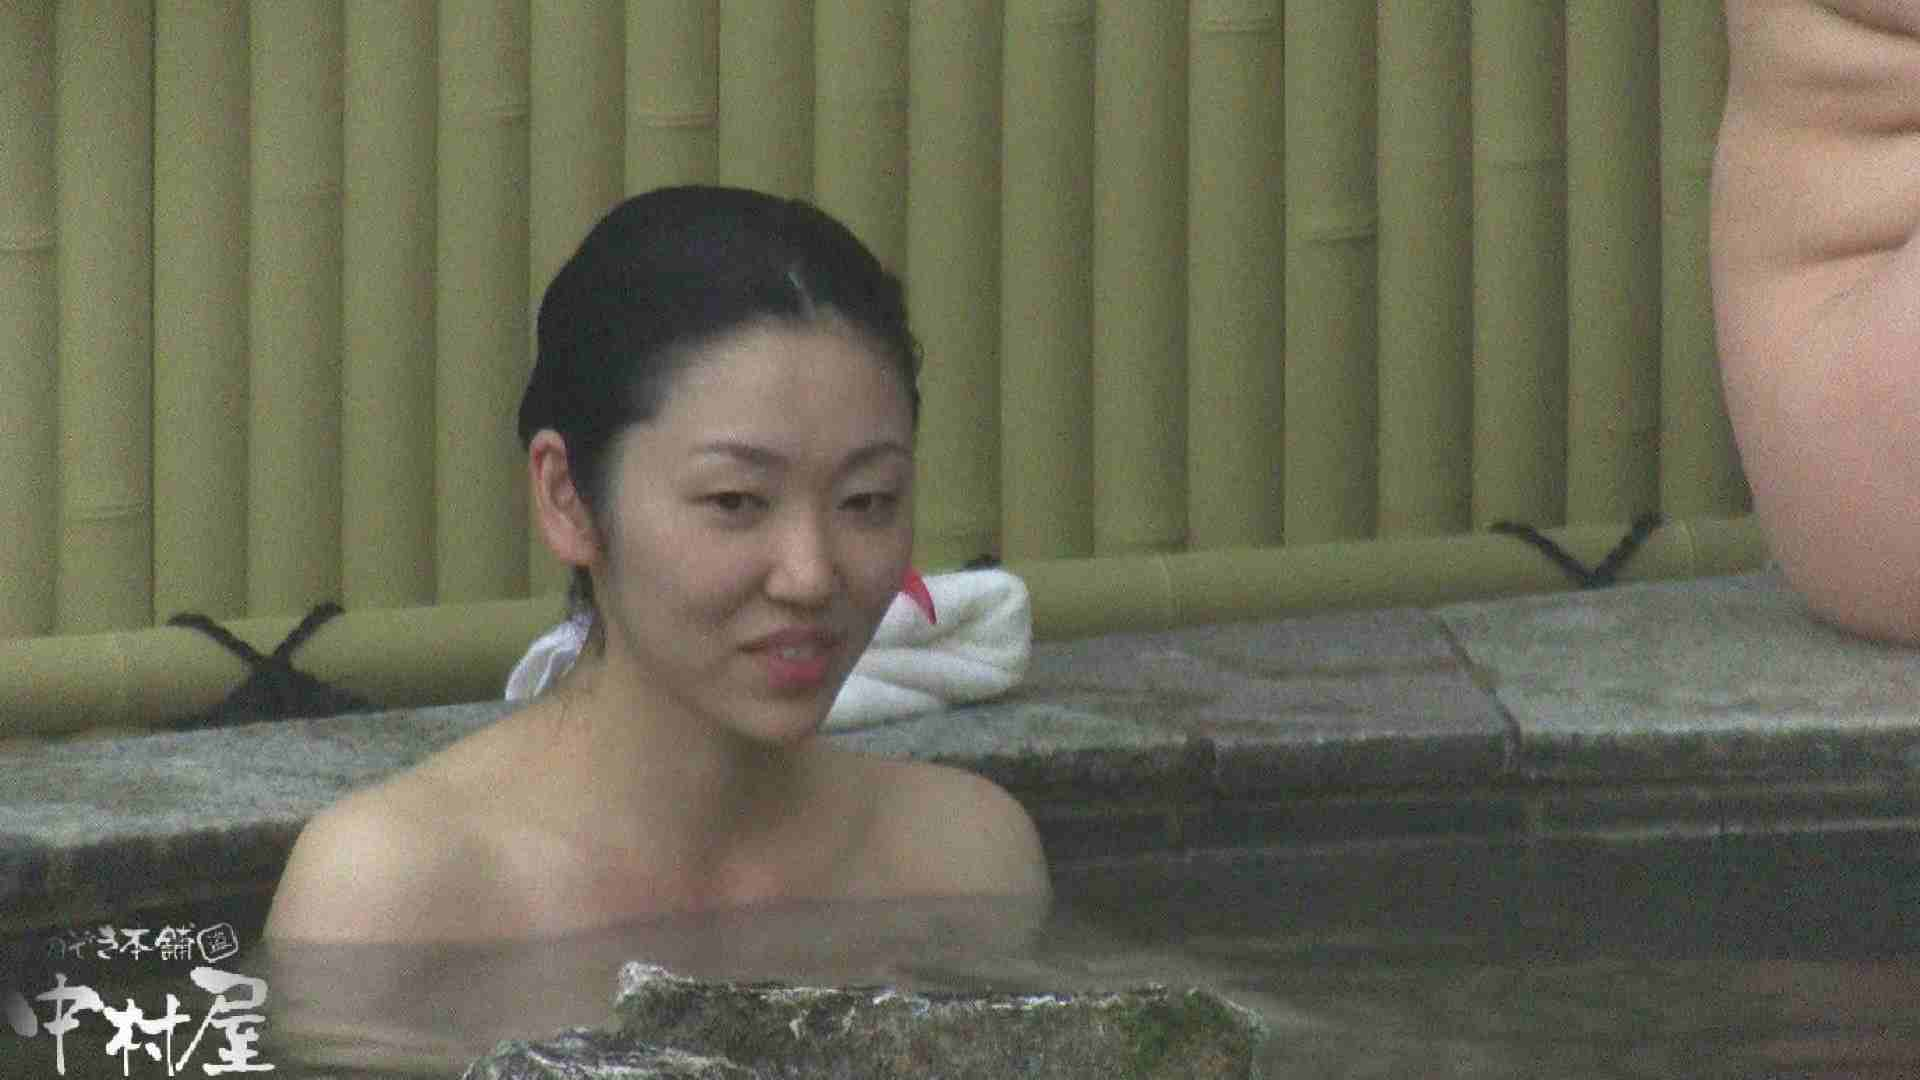 Aquaな露天風呂Vol.917 盗撮シリーズ  108PIX 54